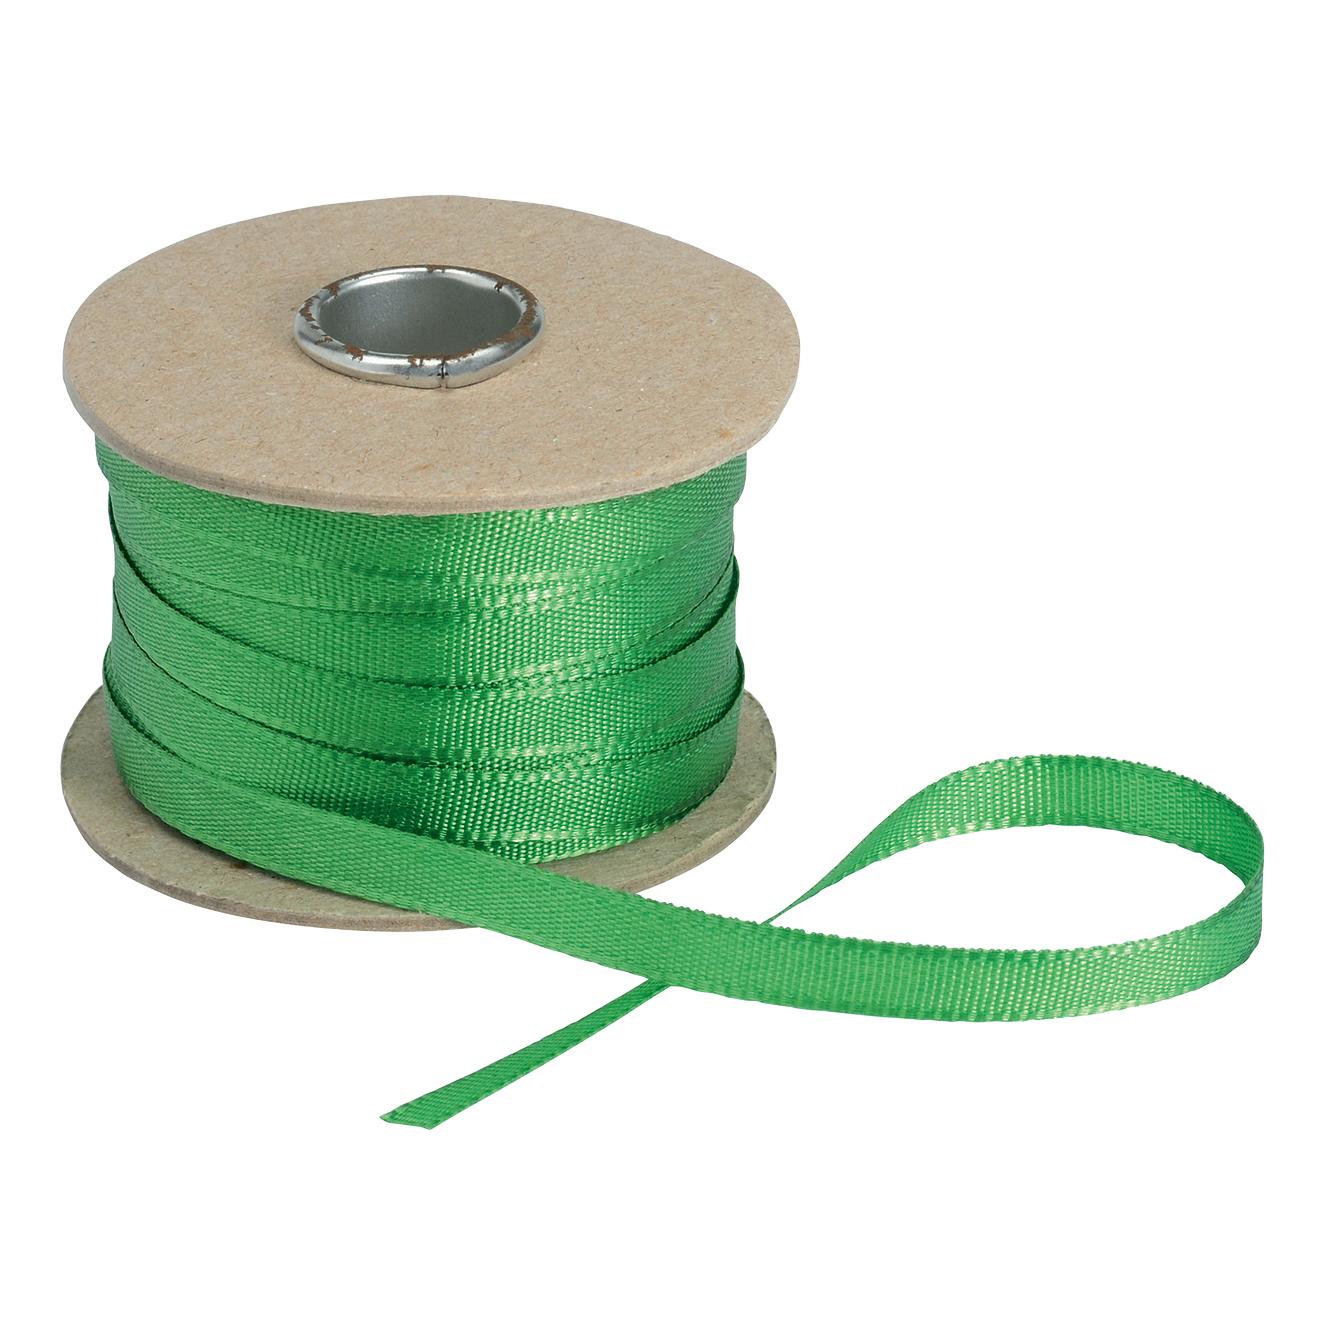 5 Star Green Legal Tape 6mm x 50m Reel